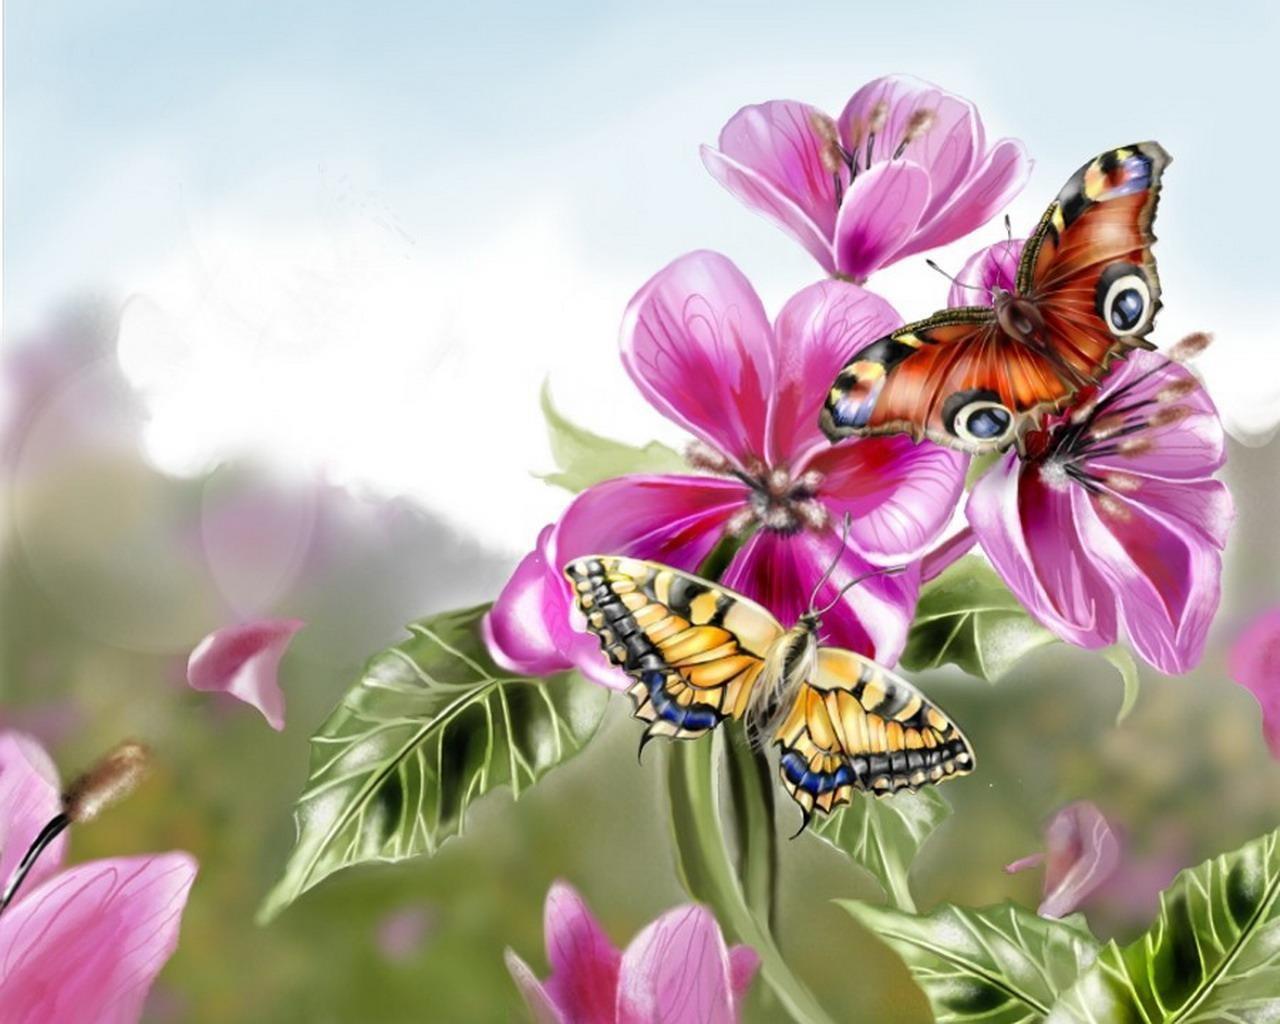 Открытки с днем рождения с бабочками, приколы картинки